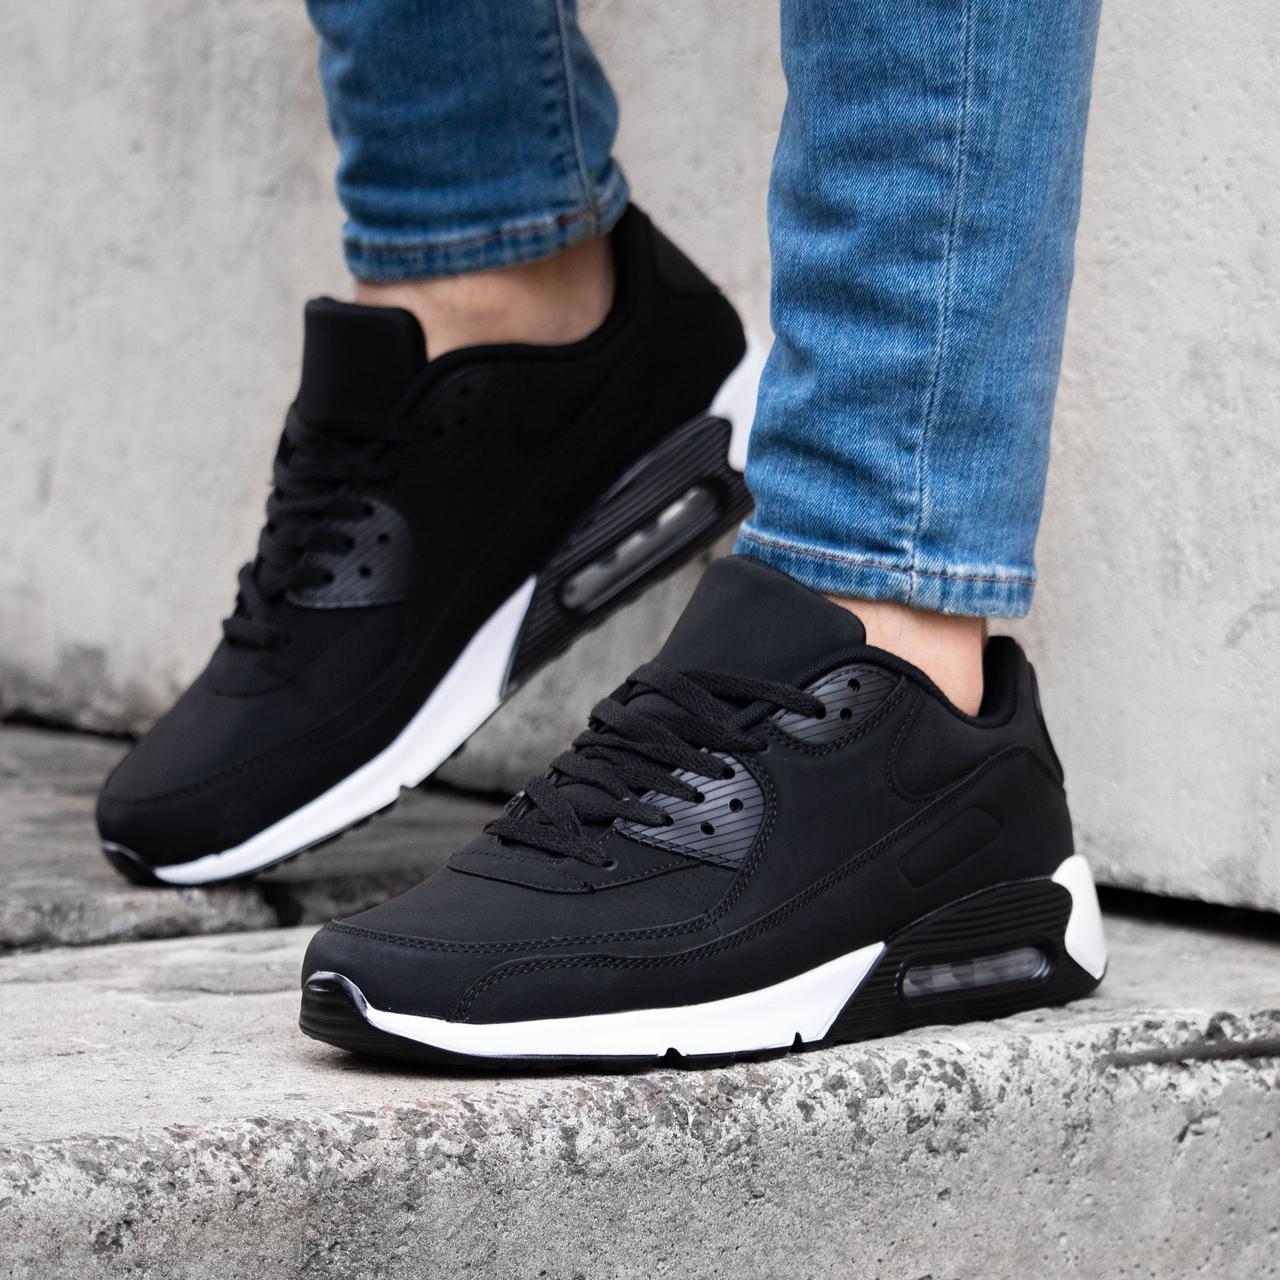 Мужские кроссовки в стиле Nike Air Max 90 обувь мужская демисезонная Размеры ( 44,45)